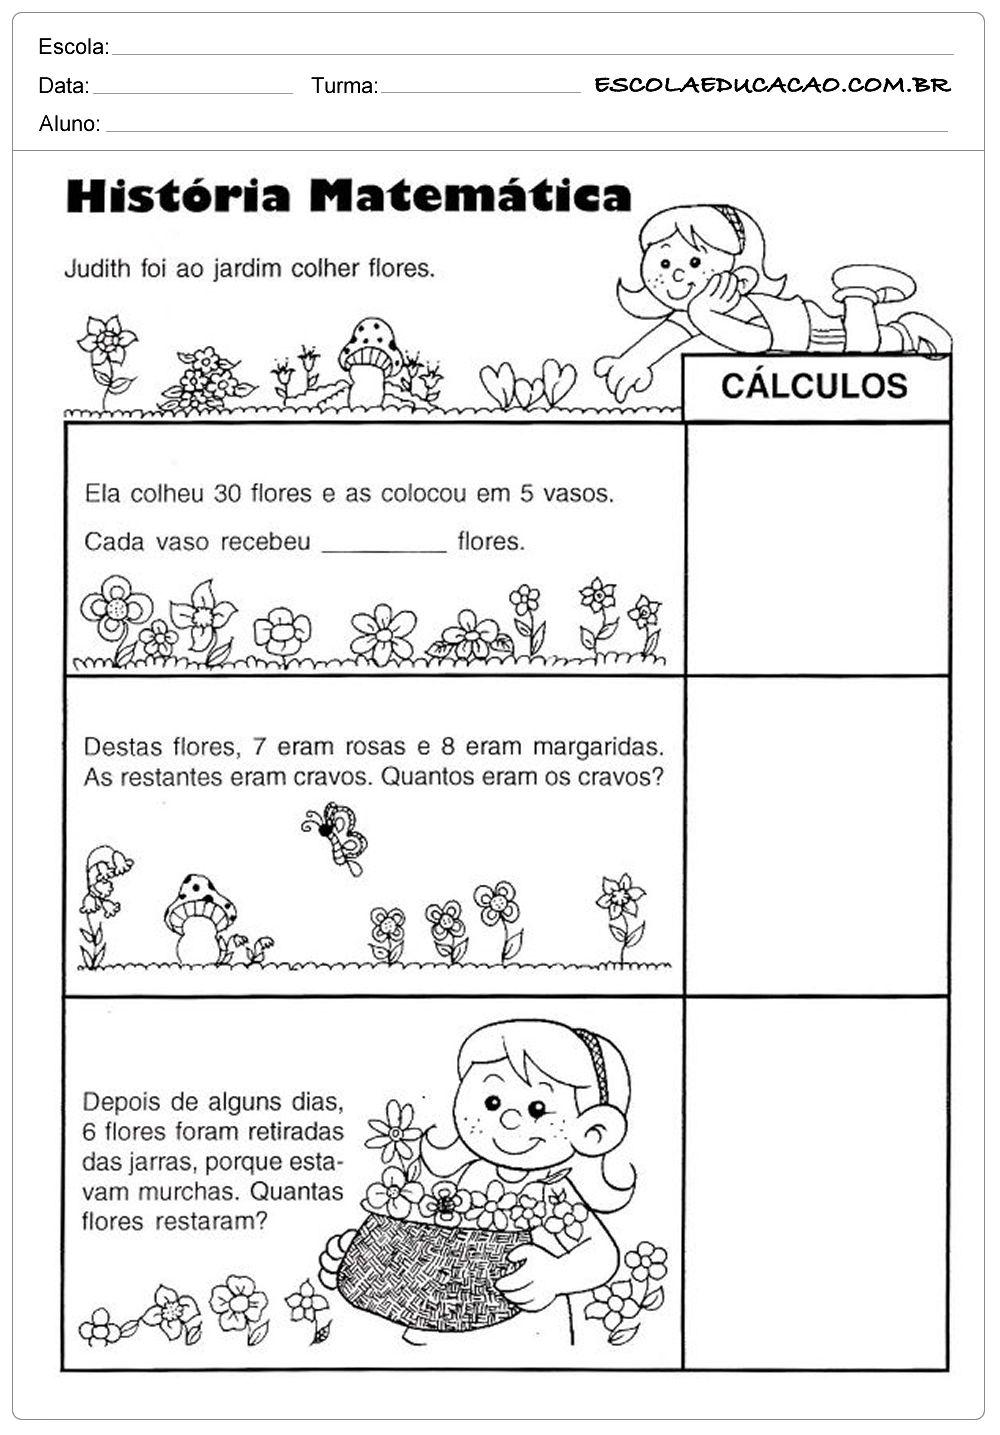 Atividades De Somar E Subtrair Historia Da Matematica Com Imagens